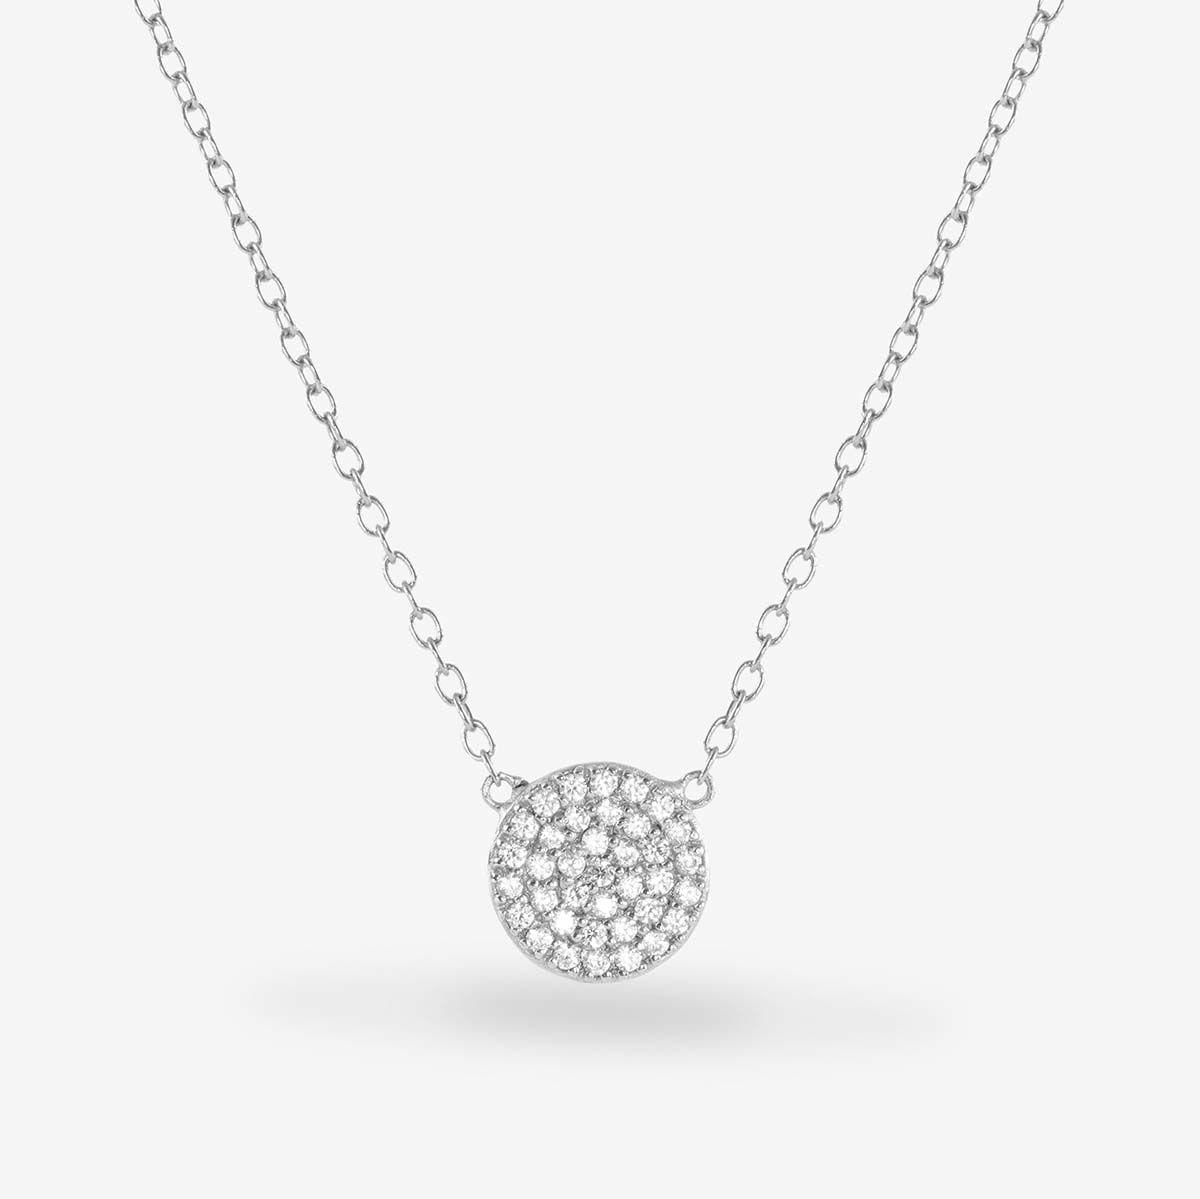 Lana - Halsketten - Silber